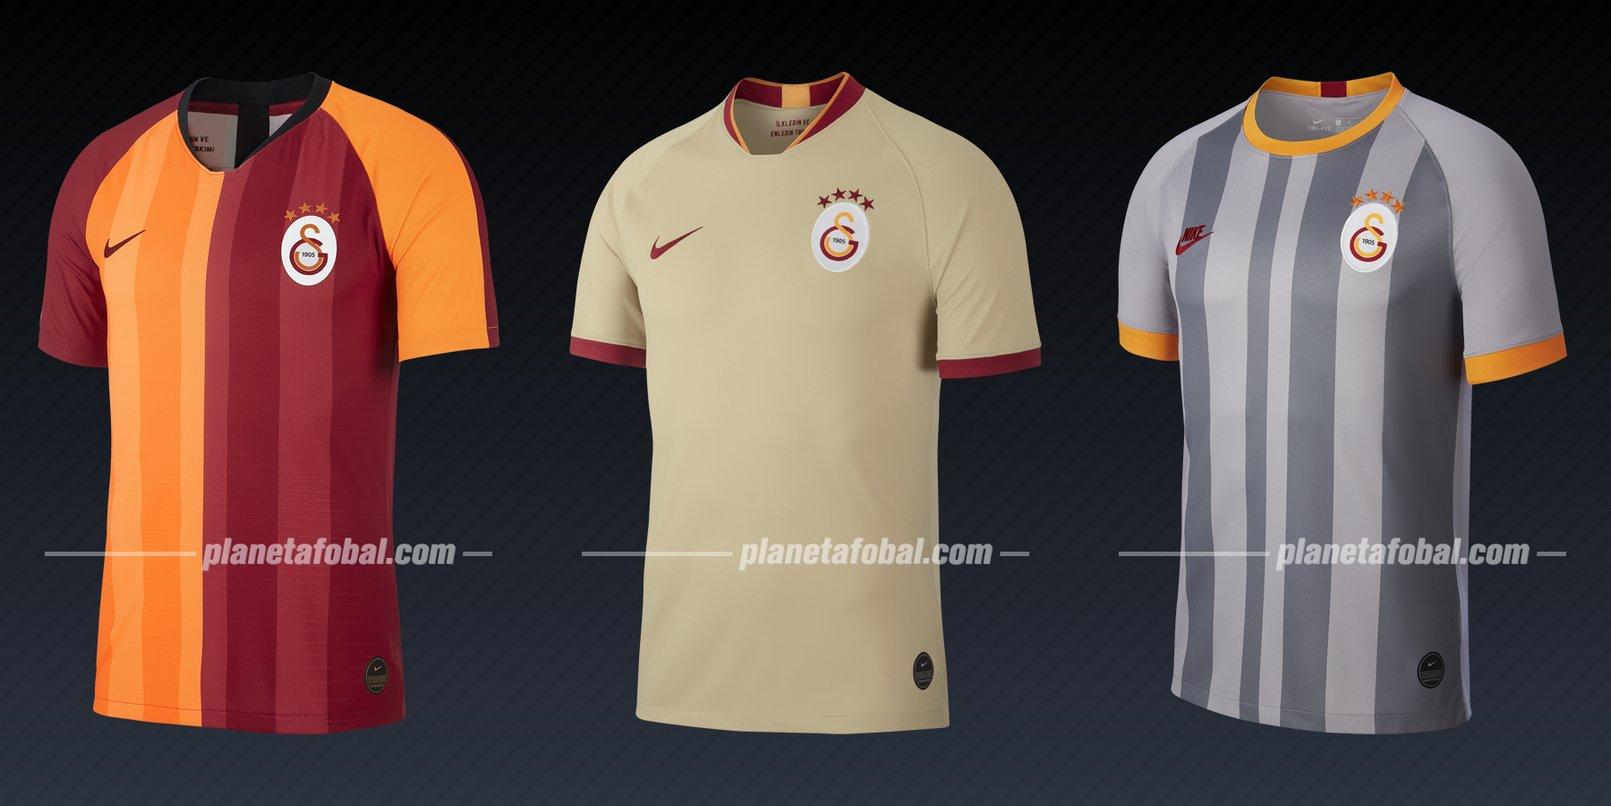 Galatasaray (Nike) | Camisetas de la Liga de Campeones 2019/20